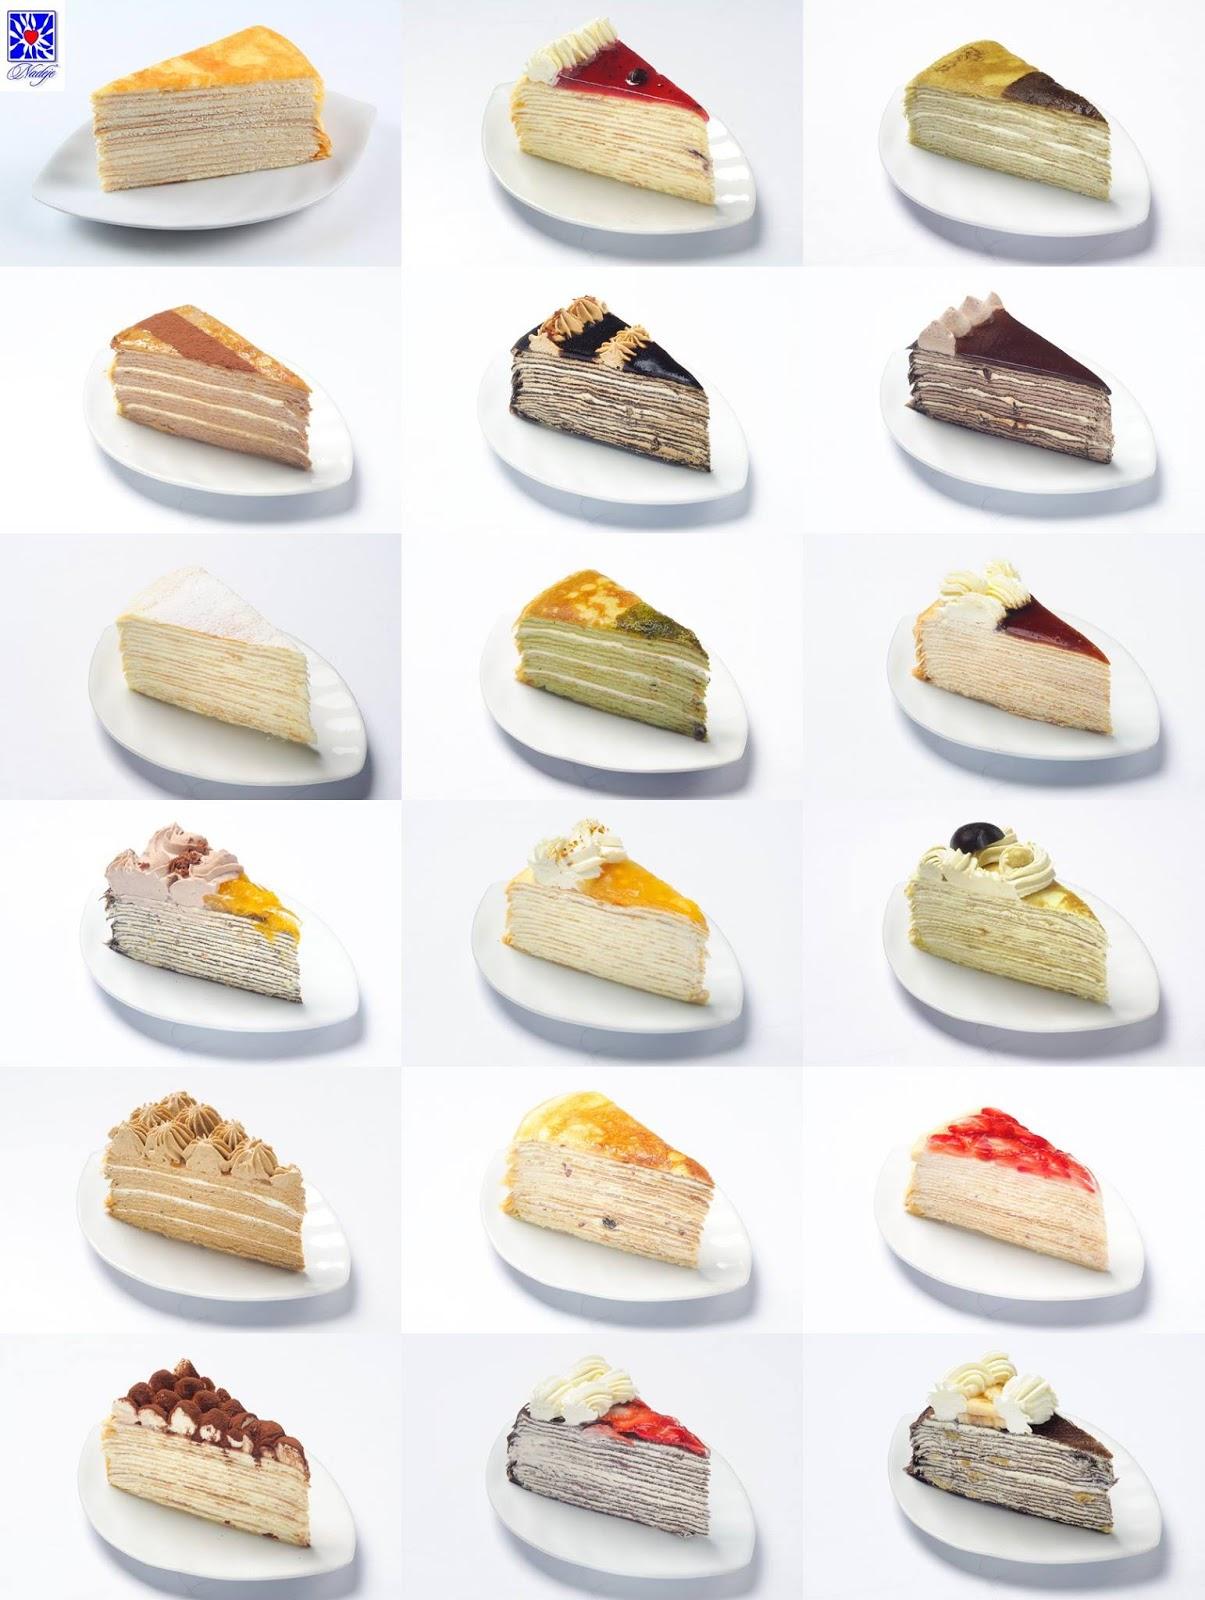 全马最好吃的千层蛋糕店【Nadeje】买一送一!吃货们,千万别错过这次机会!快jio朋友吧!